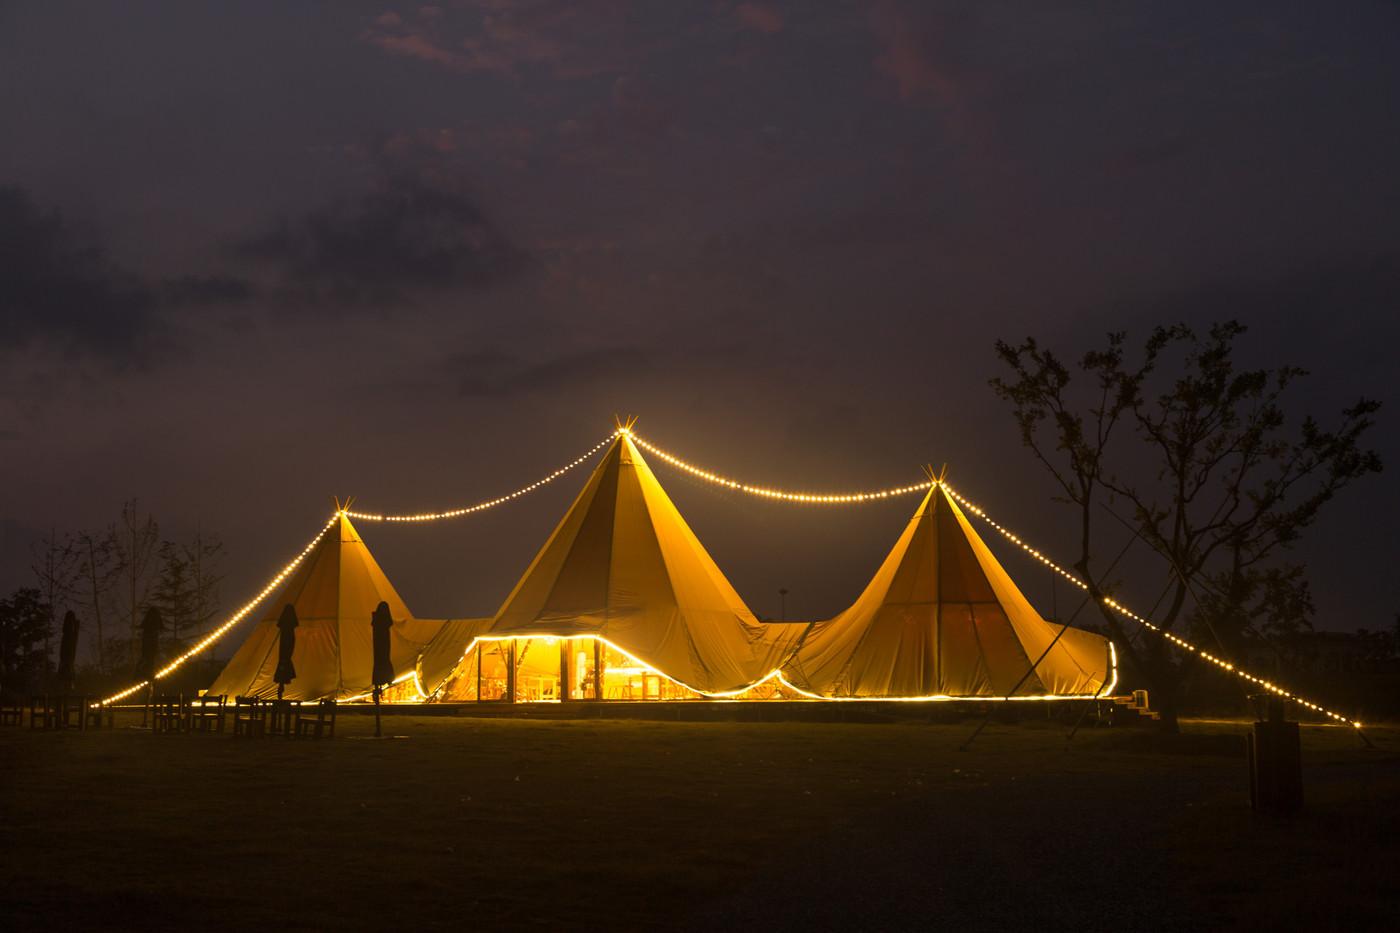 喜马拉雅印第安多功能大厅帐篷酒店20